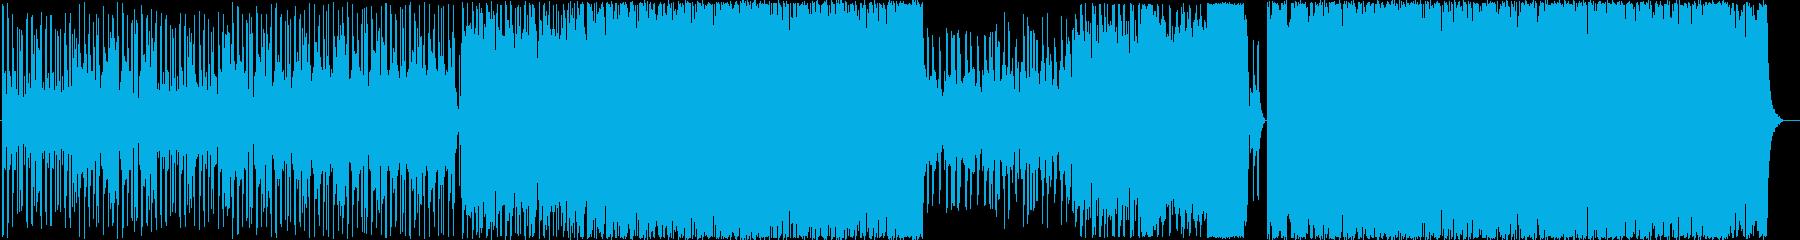 和太鼓、和楽器などを使った重厚な楽曲の再生済みの波形